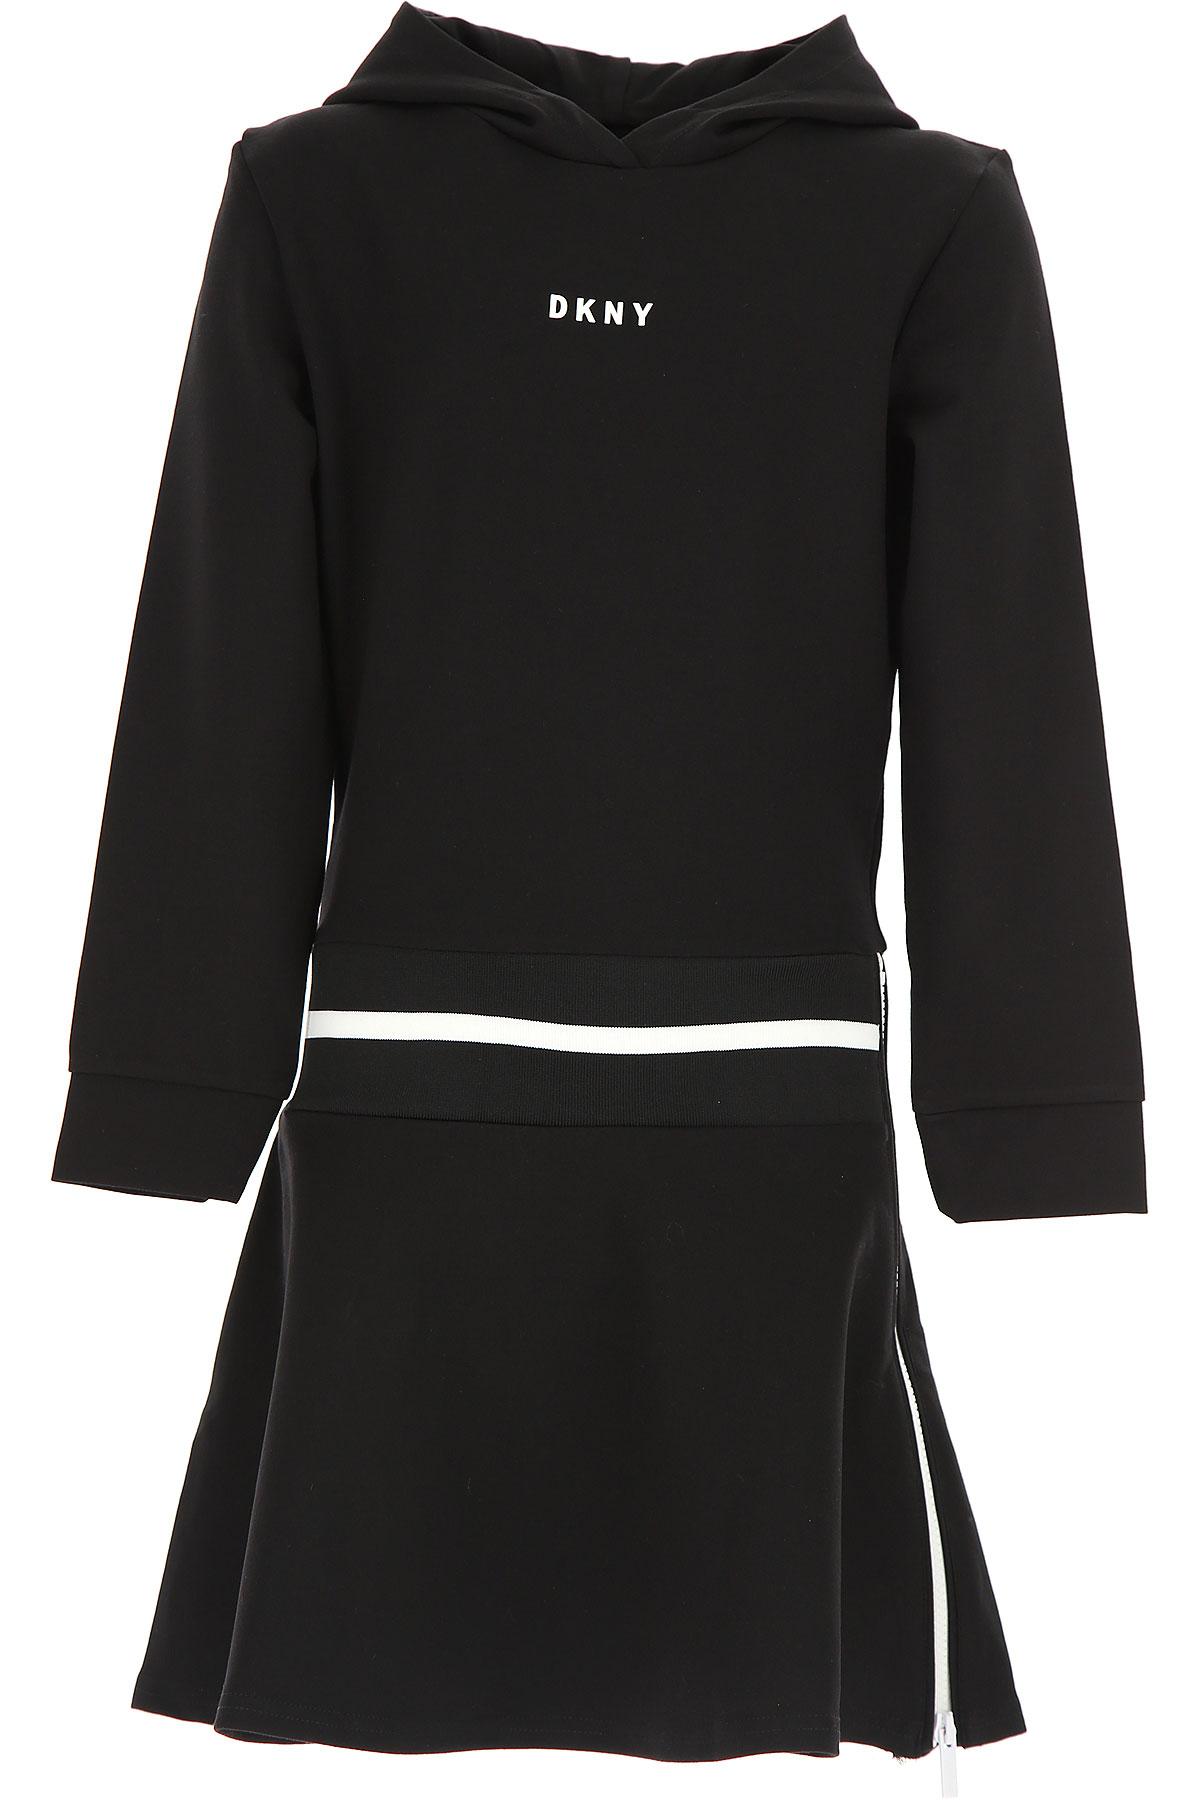 Image of DKNY Girls Dress, Black, Viscose, 2017, 10Y 14Y 16Y 8Y